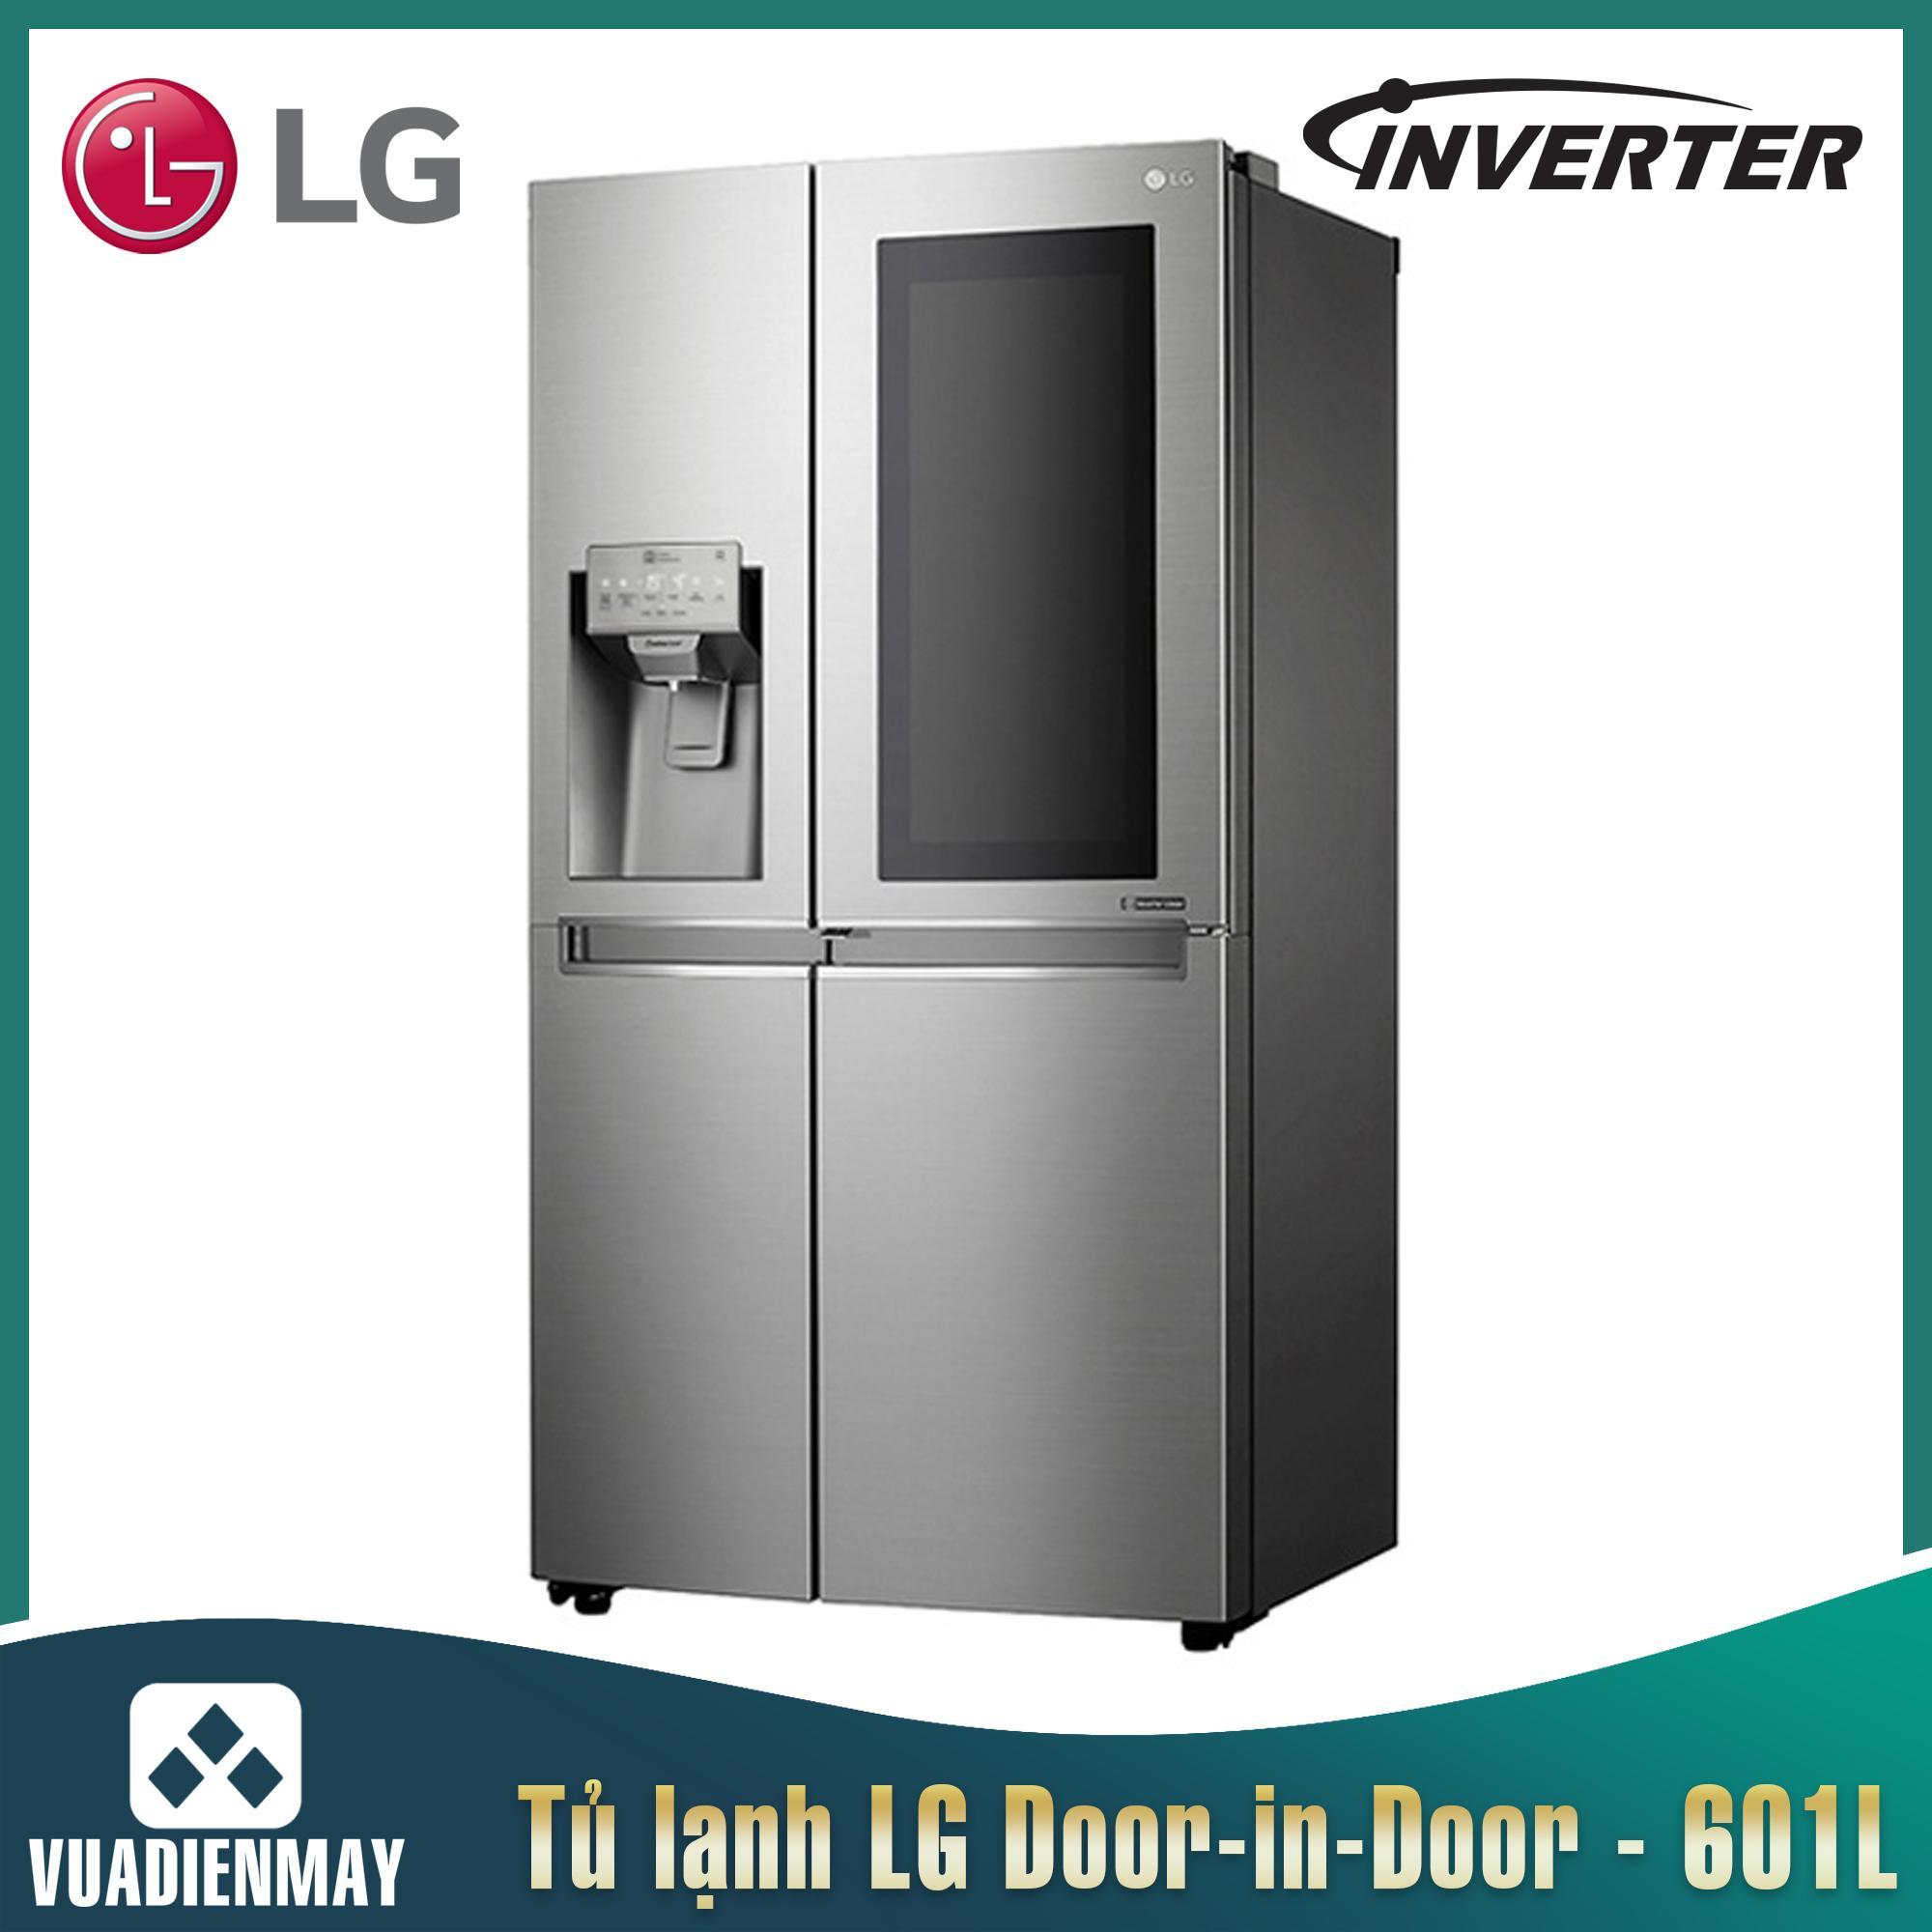 Tủ lạnh LG Door-in-Door Inverter 601 lít